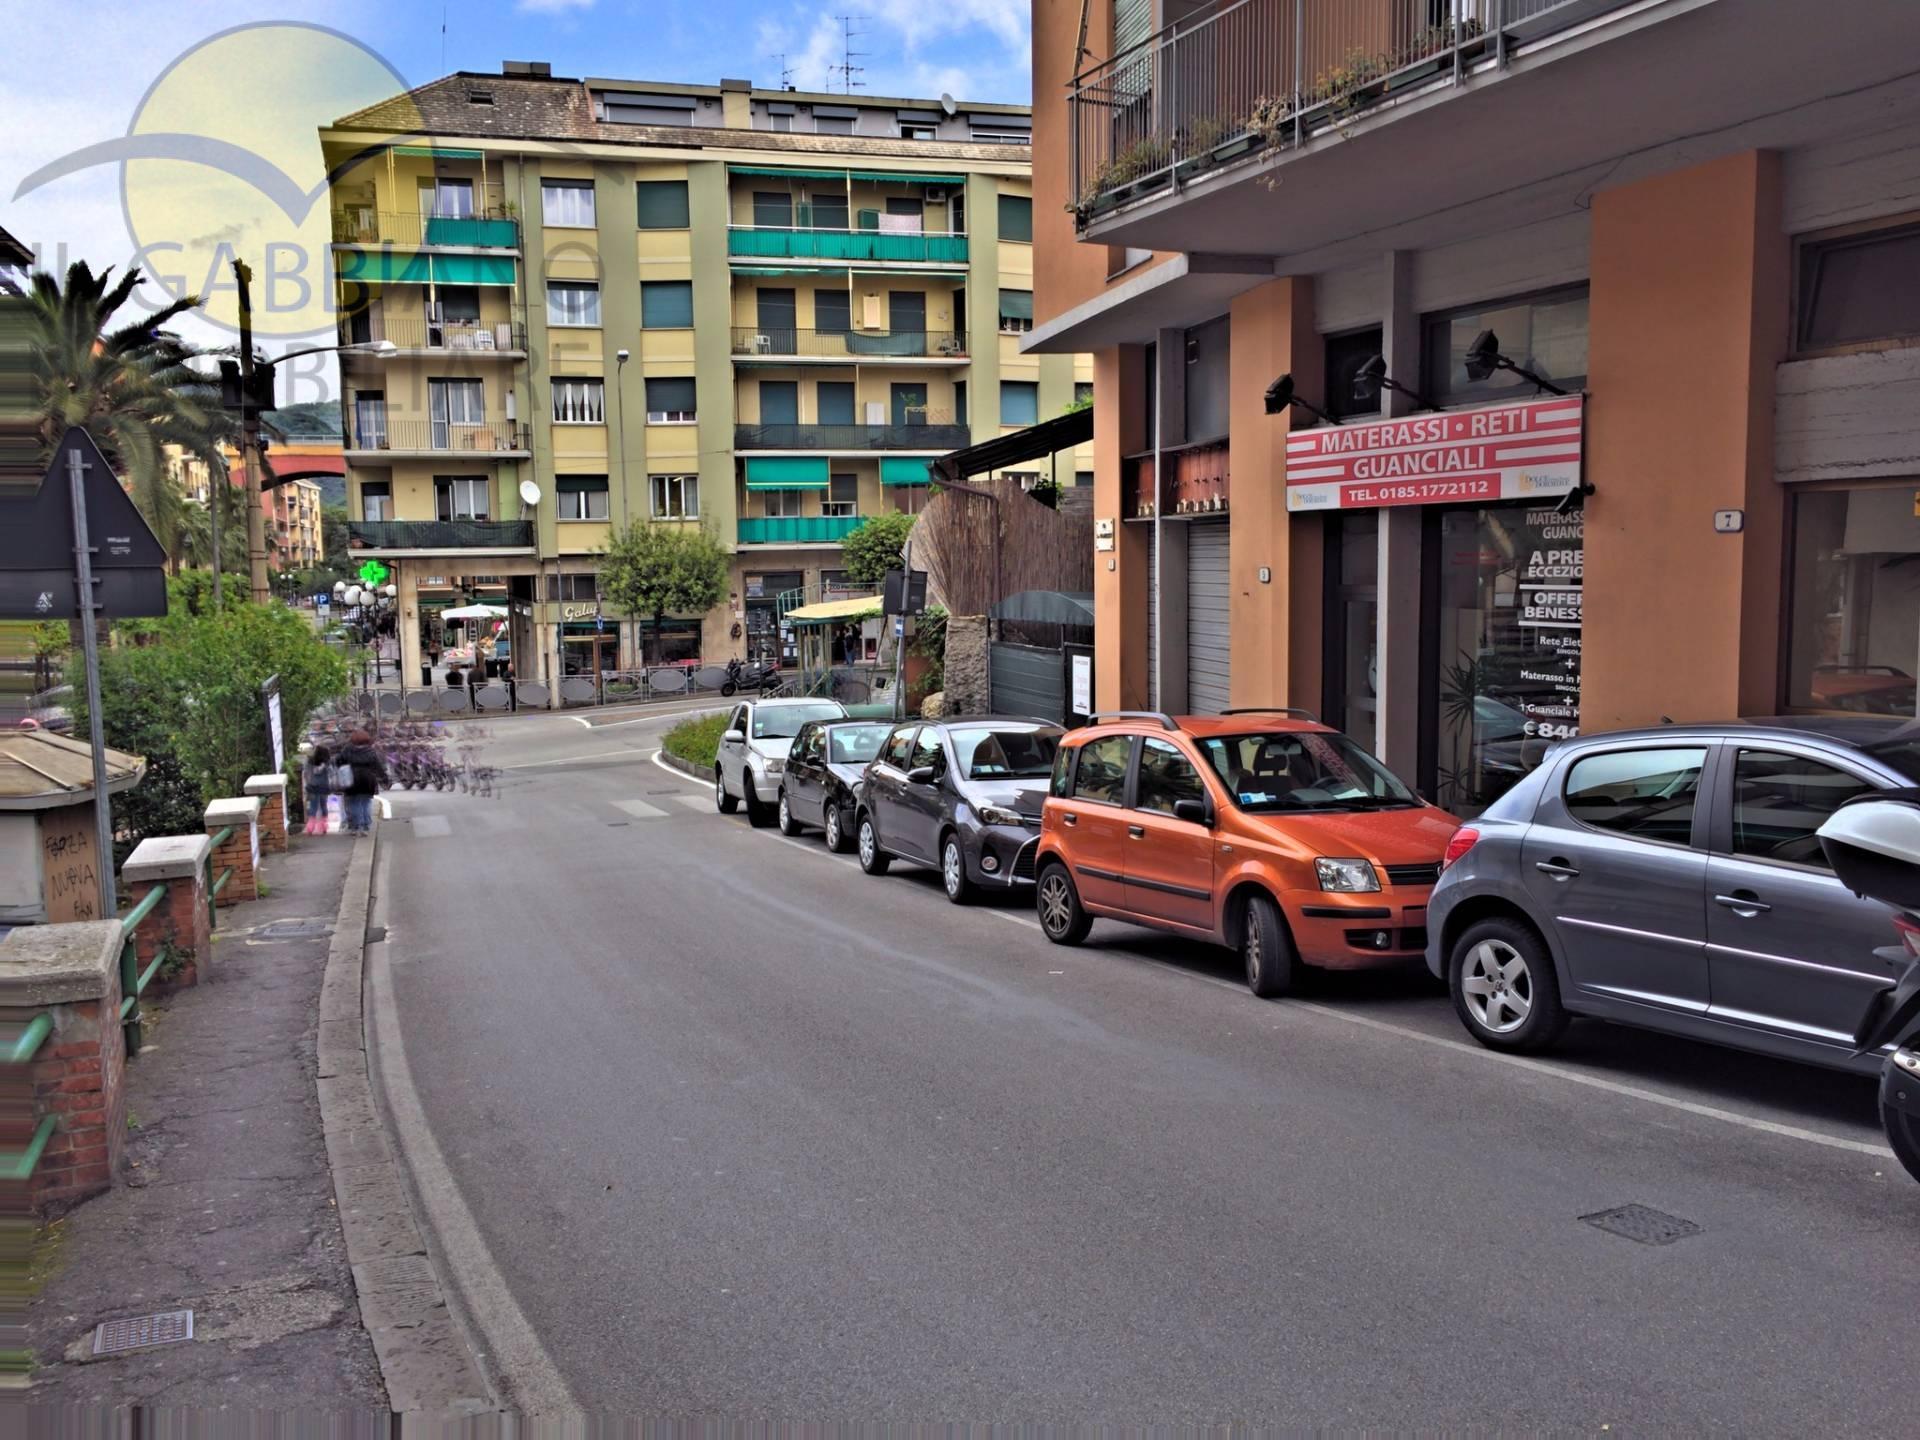 Negozio / Locale in affitto a Recco, 9999 locali, prezzo € 600 | Cambio Casa.it